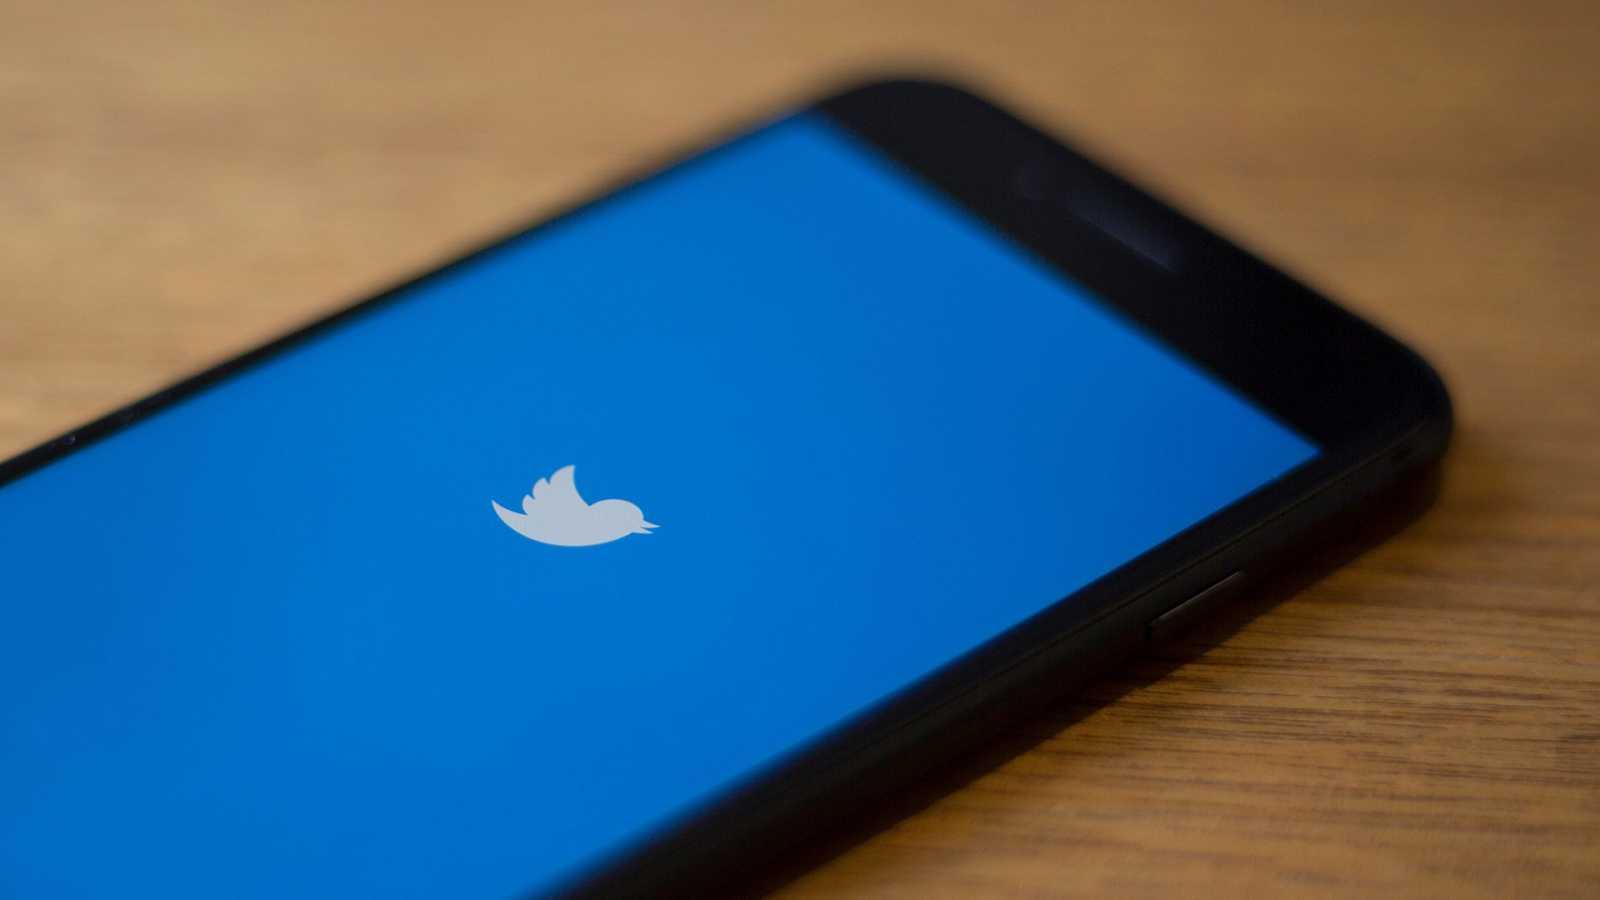 Logotipo de Twitter en un dispositivo móvil